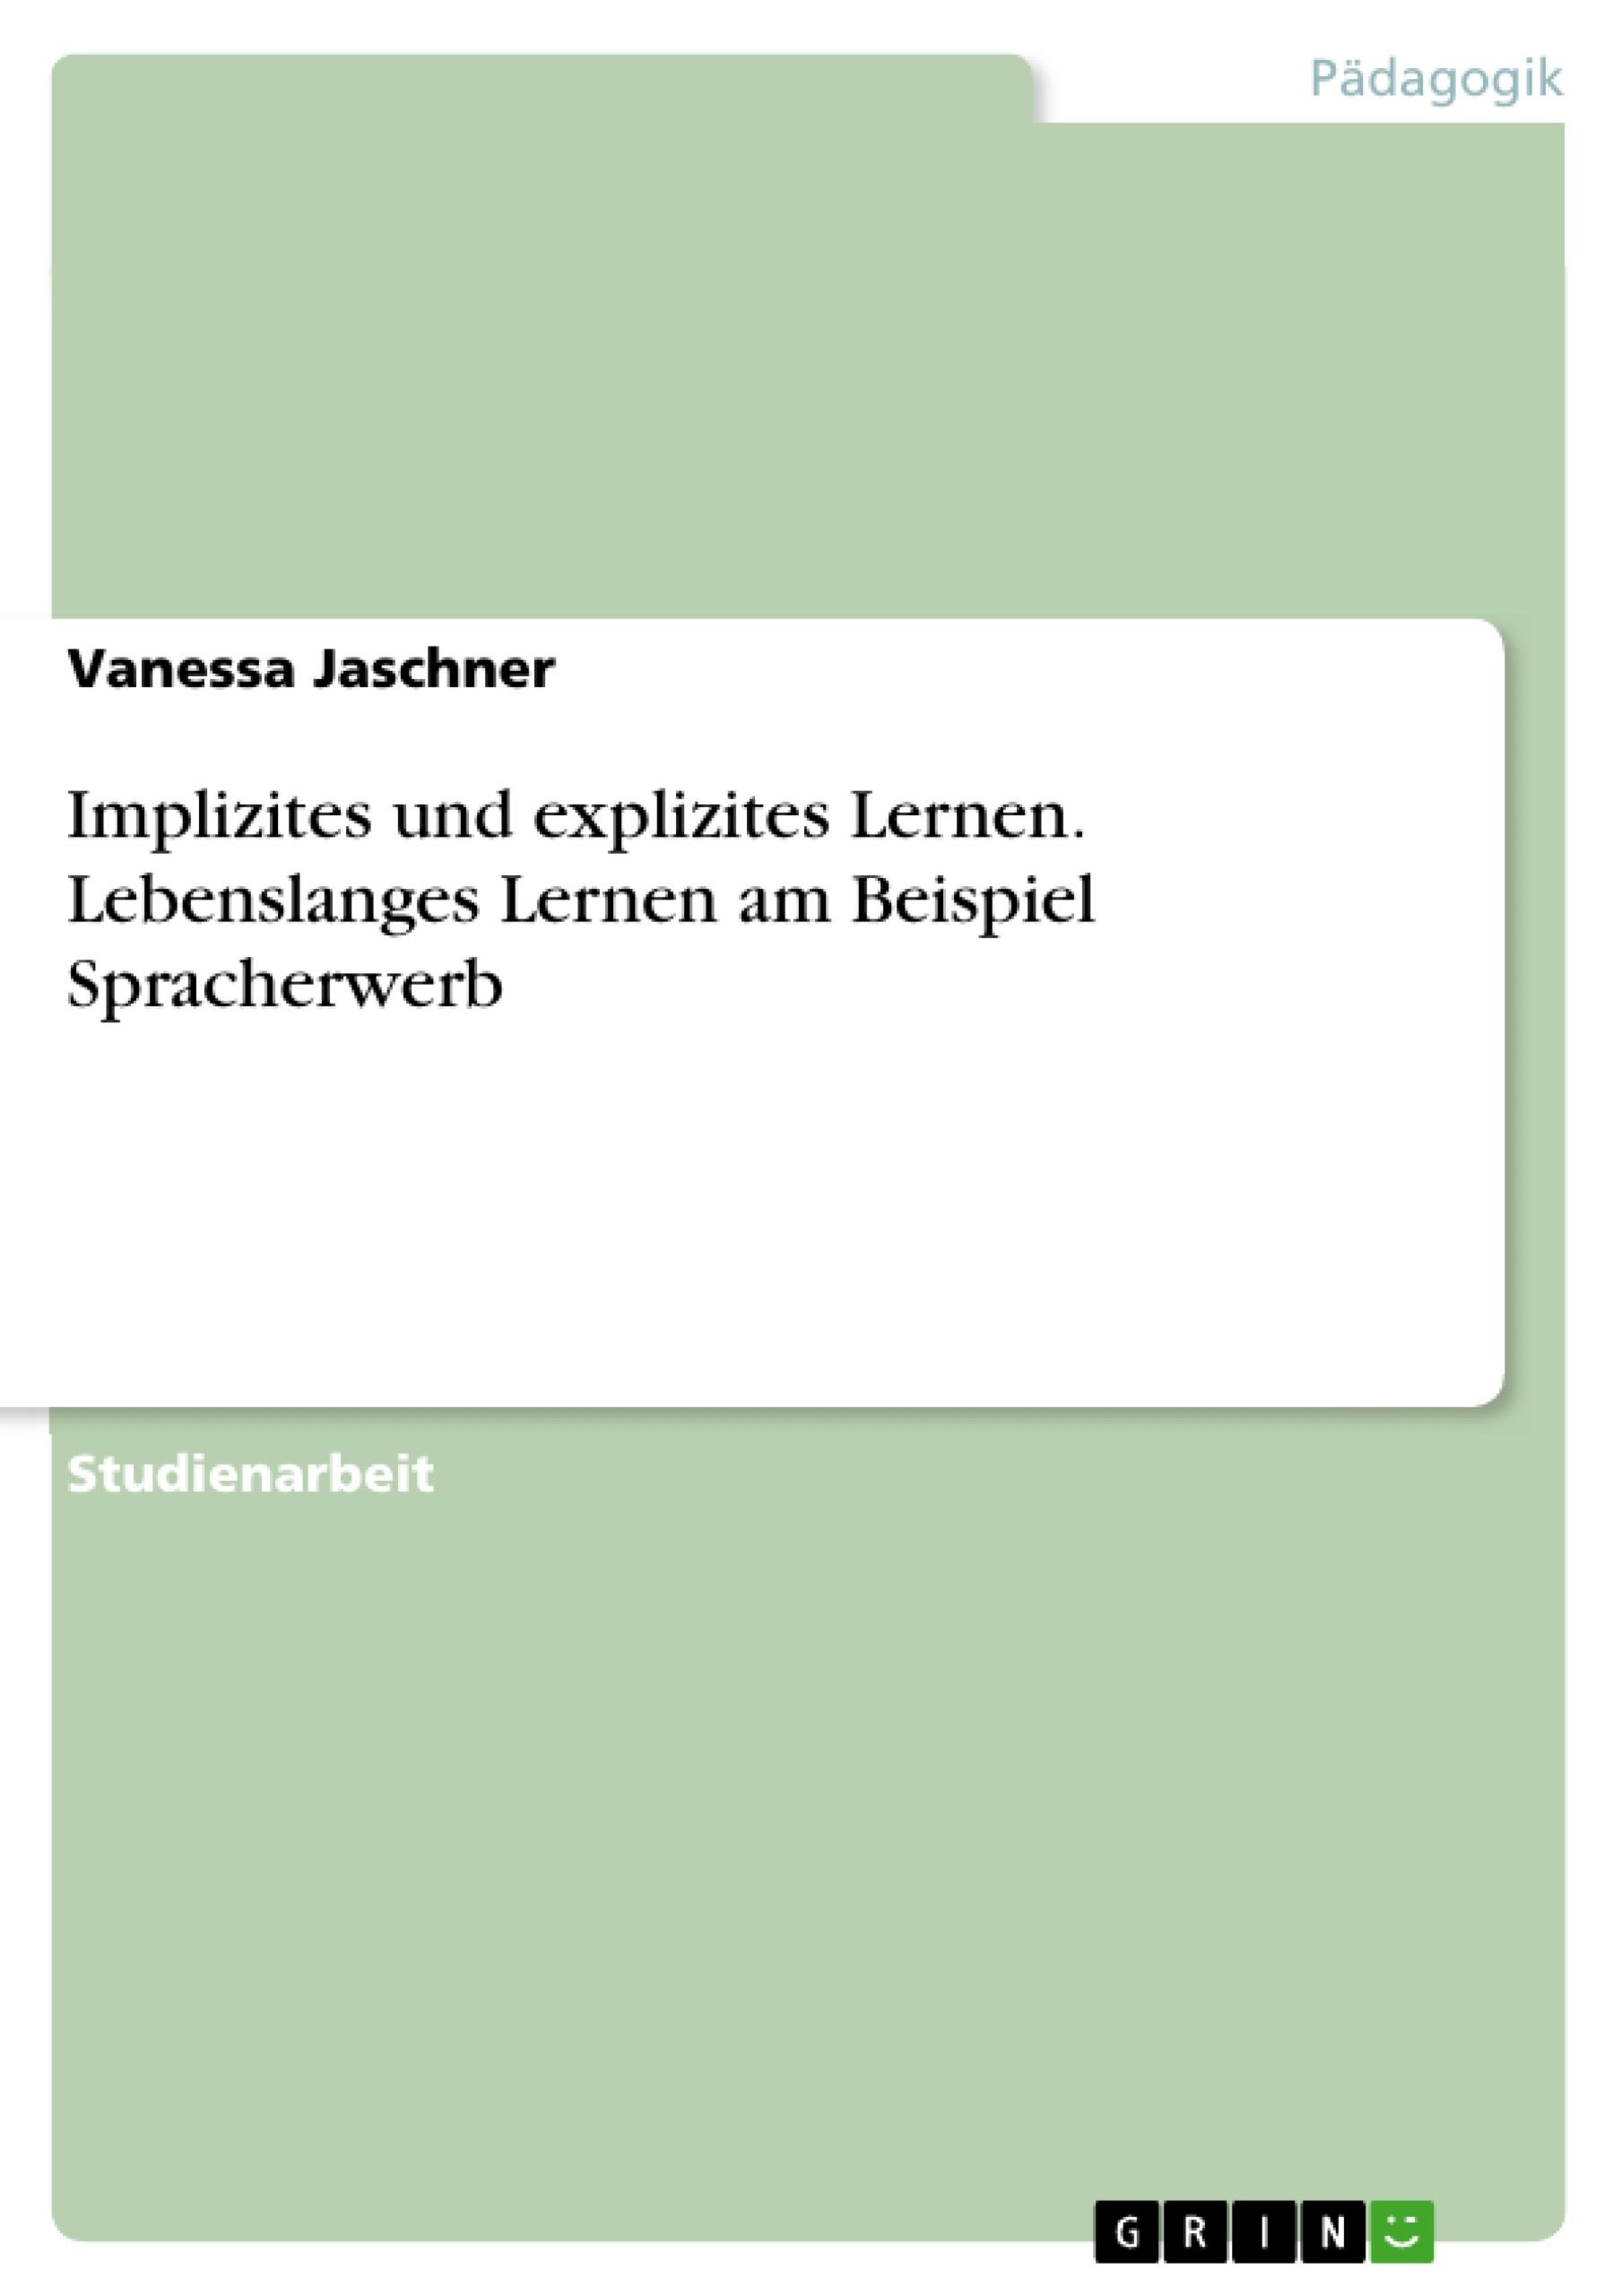 Titel: Implizites und explizites Lernen. Lebenslanges Lernen am Beispiel Spracherwerb